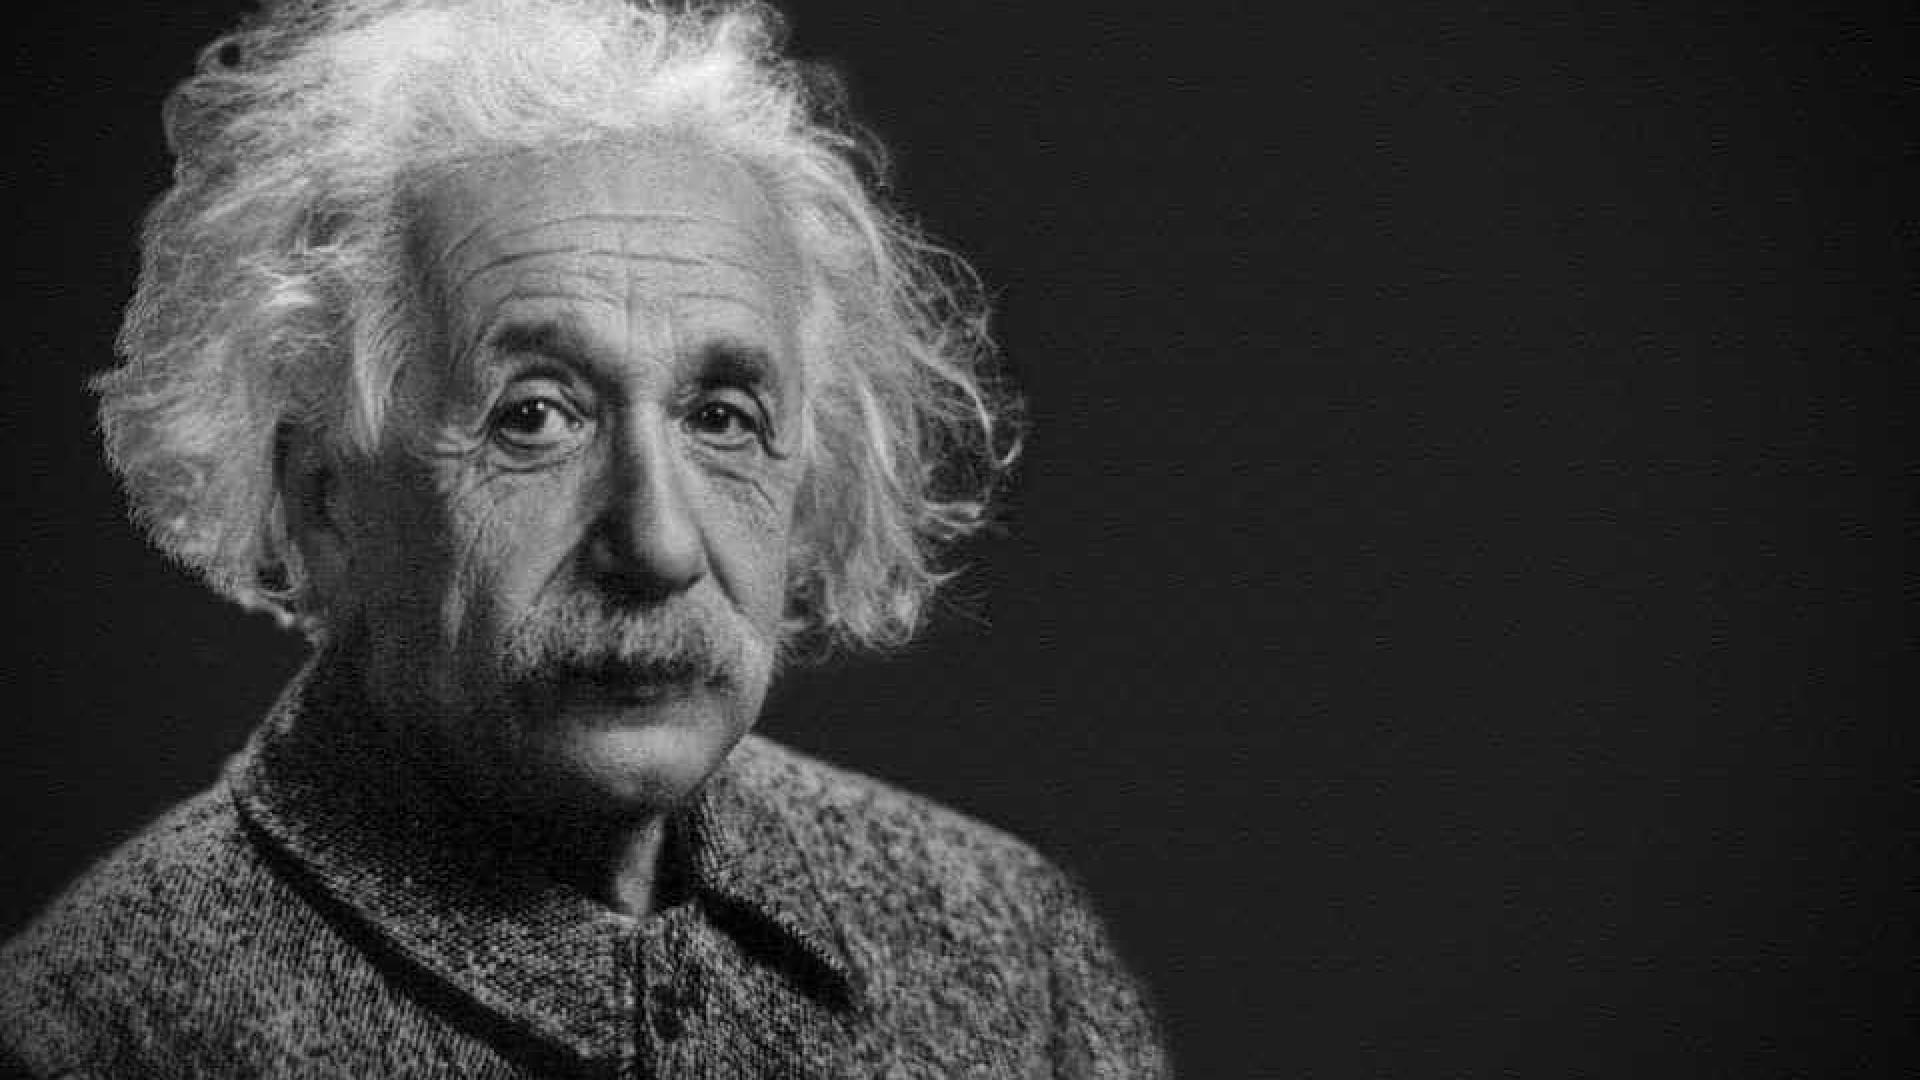 Apontamentos revelam posições racistas de Einstein